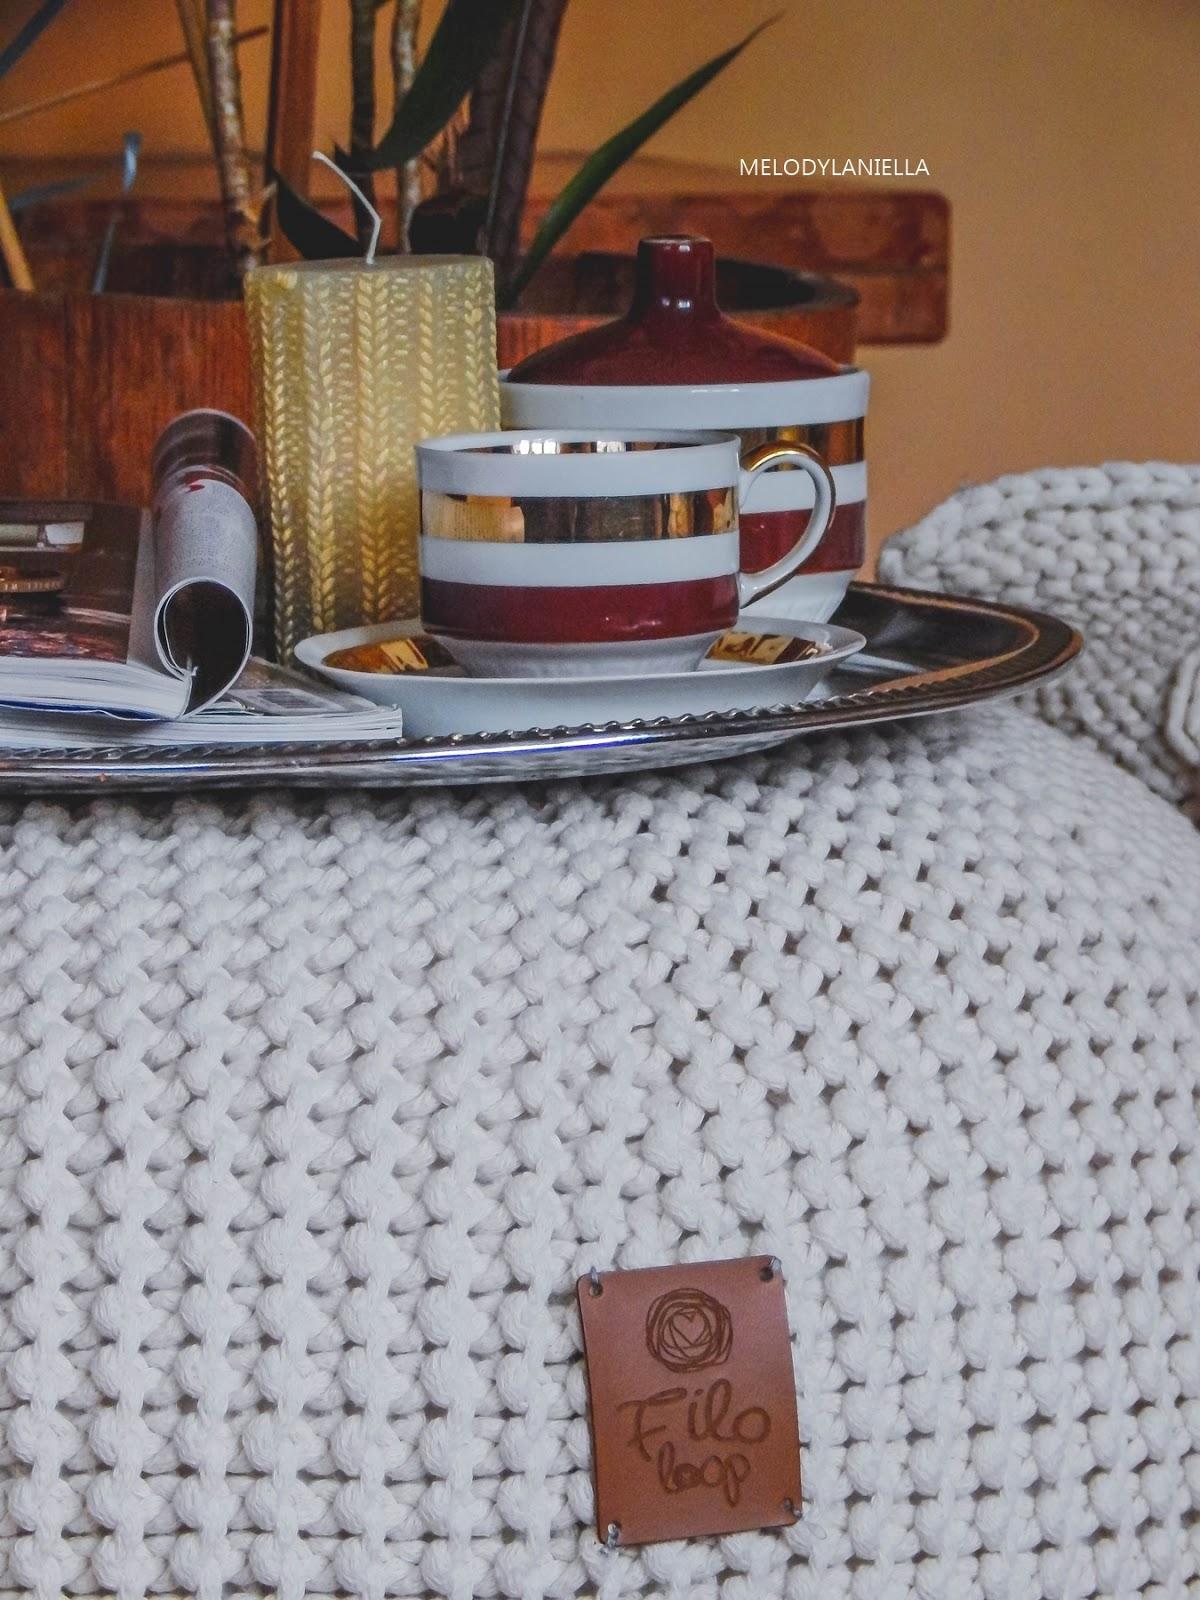 9 filo loop pomysł na biznes iwona trocka pufy poduszki warsztaty handmade robienia na drutach pledy koce shoper bag ze sznurka pomysł na prezent wystrój wnętrz design dodatki do mieszkań i domów handmade